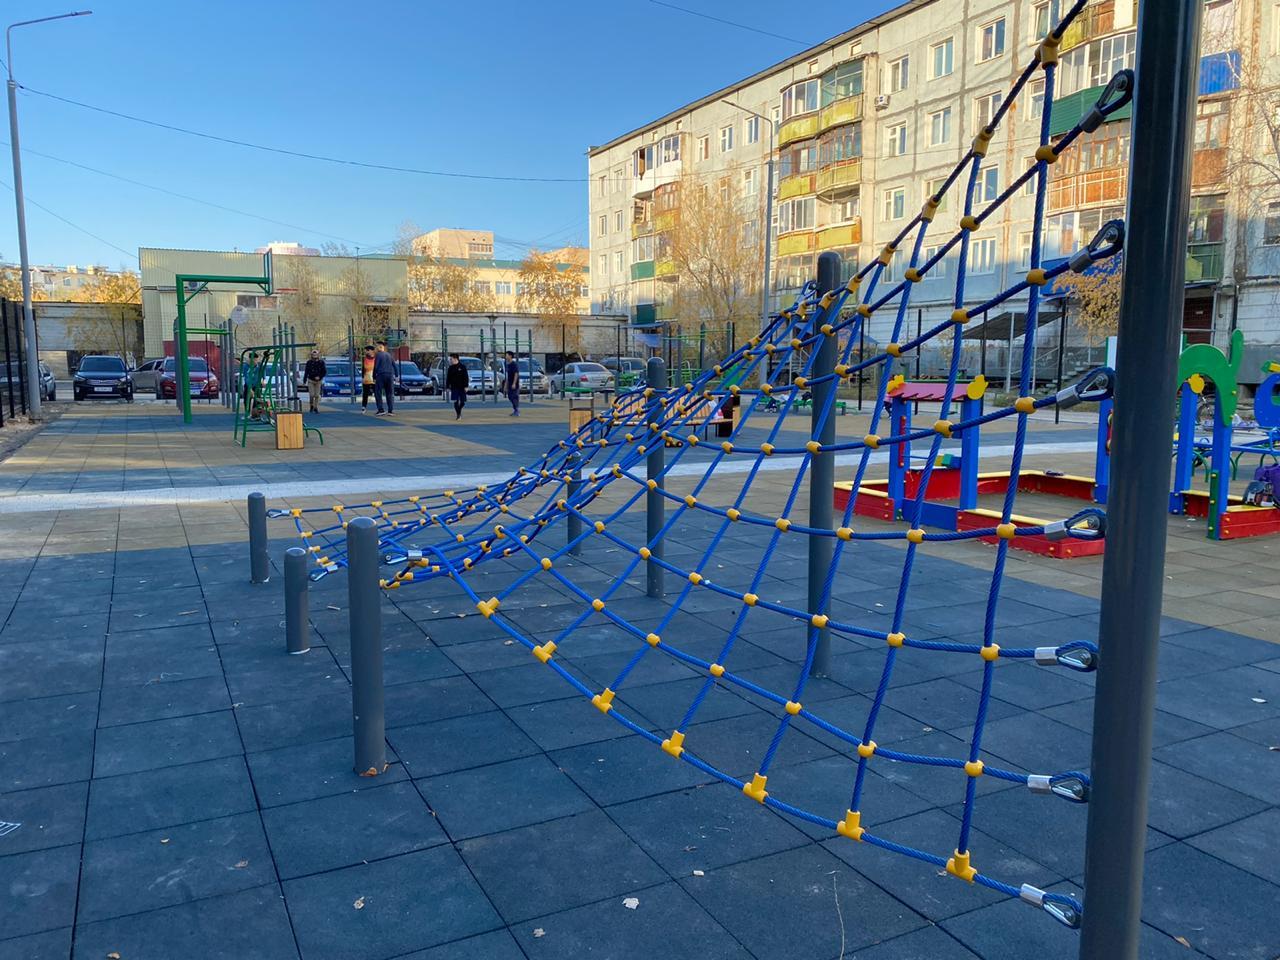 В Якутске завершены плановые работы по ремонту и благоустройству дворовых территорий